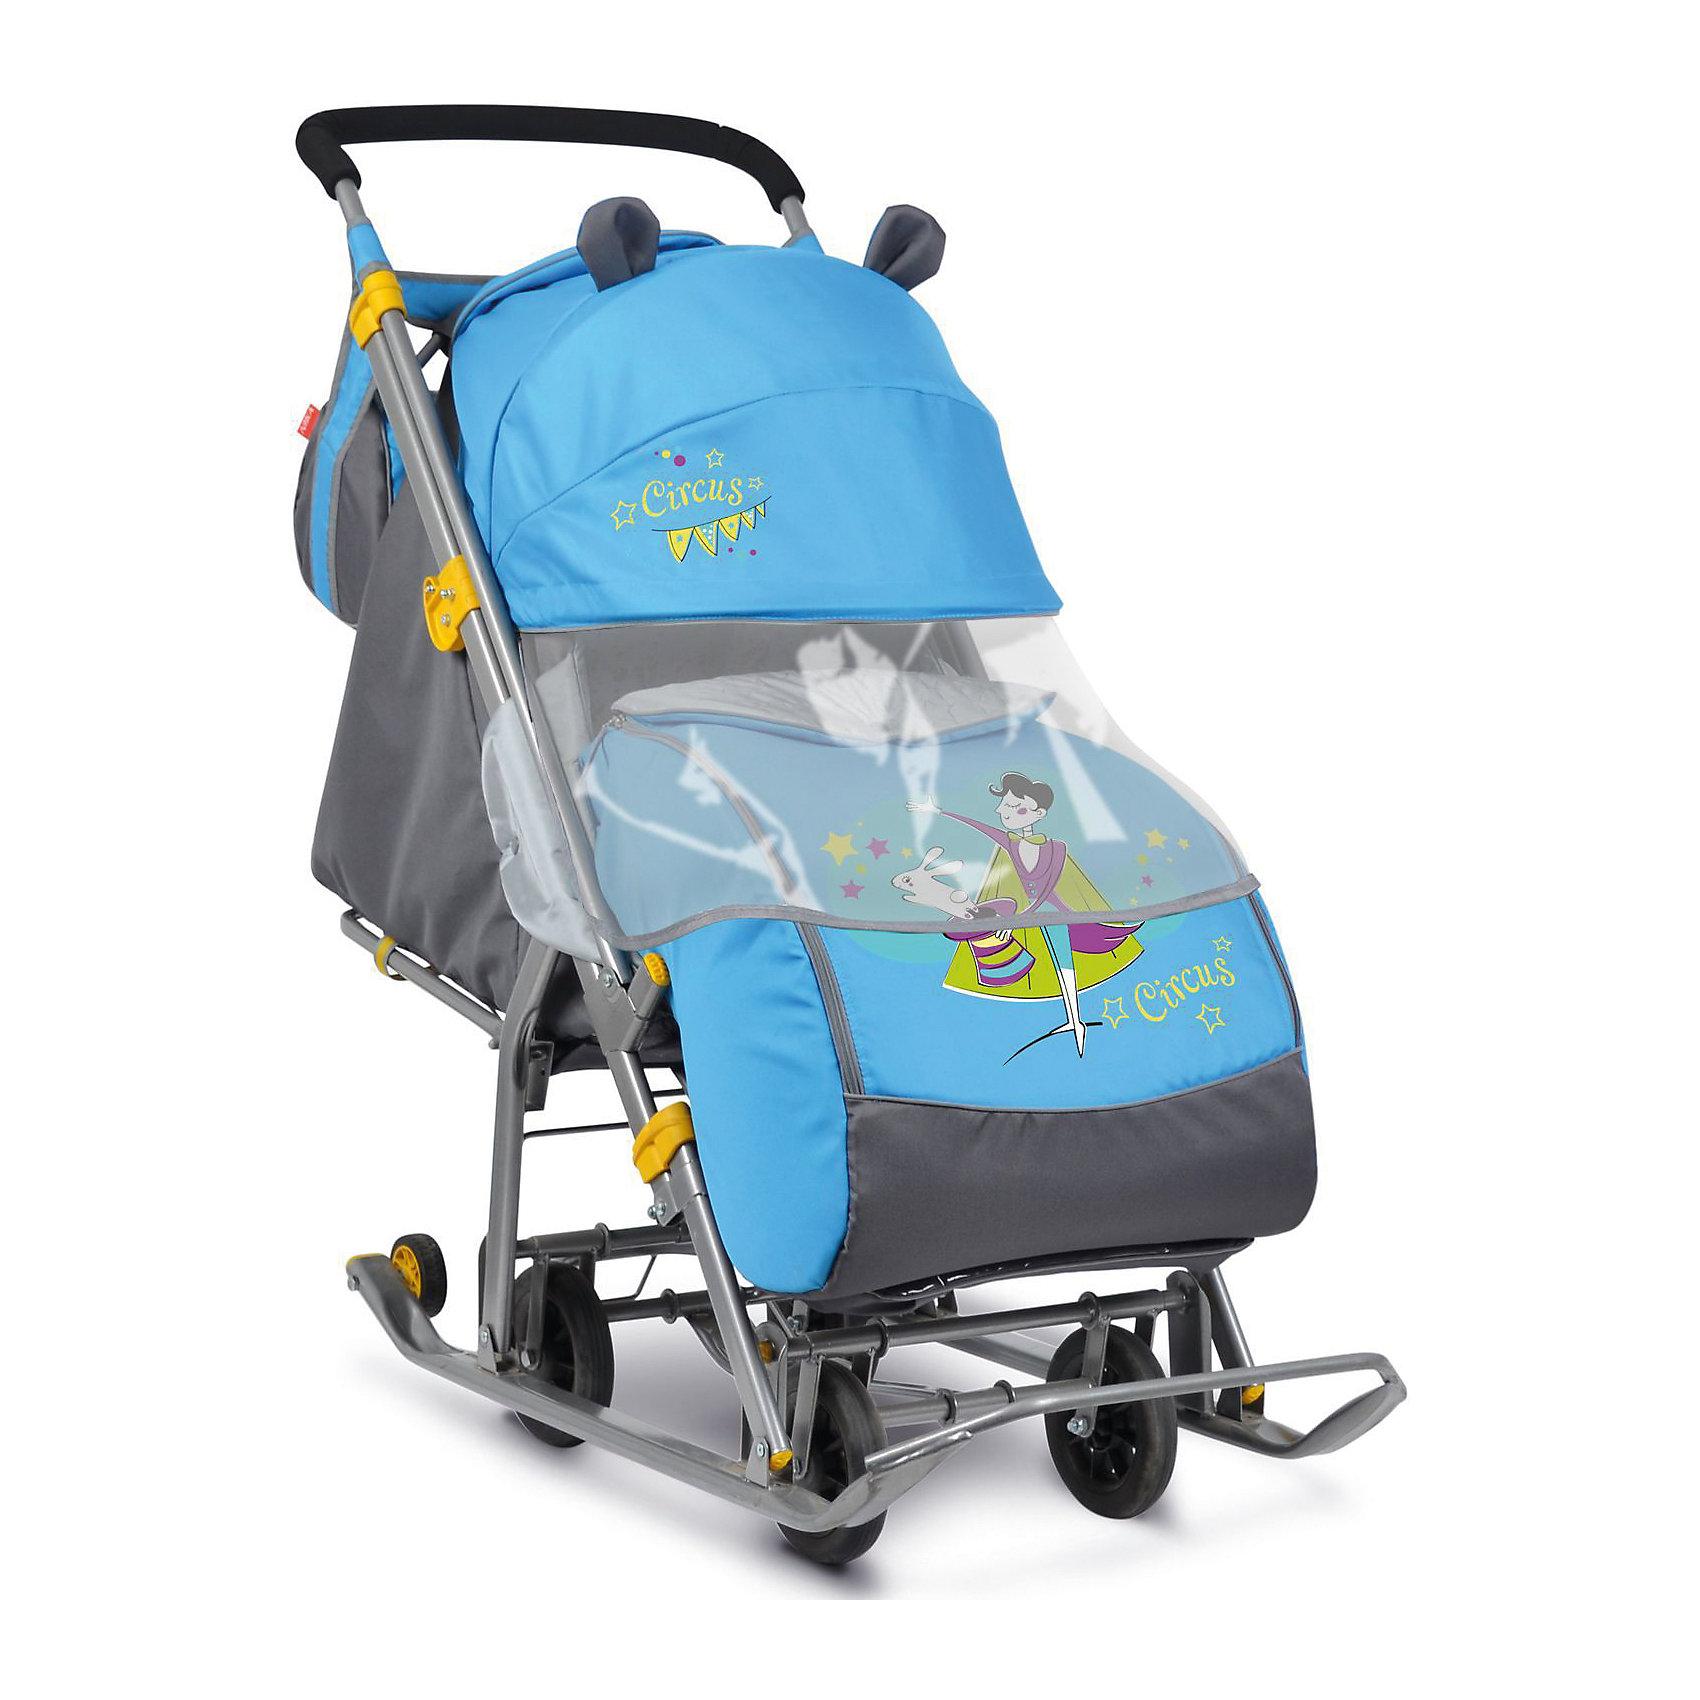 Санки-коляска Ника детям  7 (2017), Фокусник, синийС колесиками<br>Санки-коляска Ника детям  7 (2017), Фокусник, синий<br><br>Коляска комбинированная с трансформируемым кузовом позволяет передвигаться по любой дороге. Нажатием ноги на педаль опускаются колеса, и вы можете везти коляску по асфальту или по гладкому полу. Еще одно нажатие — коляска трансформируется в санки и снова скользить по снегу!<br><br>• механизм смены полозьев на колеса<br>• плоские полозья 40 мм с большими обрезиненными колесами<br>• пятиточечный ремень безопасности<br>• складной высокий трехсекционный козырек с декоративными ушками<br>• спинка регулируется до положения лежа<br>• подножка с регулируемым наклоном ног, позволяющая ребенку в положении лежа комфортно вытягивать ножки<br>• перекидная ручка<br>• чехол для ног с 2-мя молниями для удобного открывания с двух сторон<br>• широкое посадочное место 385 мм<br>• ширина полозьев 445 мм<br>• ширина колесной базы 280 мм<br>• высота санок на полозьях 1030 мм<br>• высота санок на колесах 1095 мм<br>• смотровое окошко для наблюдения за ребенком<br>• светоотражающий кант<br>• сумка с кармашками для полезных мелочей<br>• размер в сложенном положении 1105х445х280 мм<br>• вес изделия 10,8 кг<br><br>В моделях 2017 года - съемный прозрачный тент-дождевик для защиты от ветра и осадков<br><br>Санки-коляска Ника детям  7 (2017), Фокусник, синий, можно купить в нашем интернет-магазине.<br><br>Ширина мм: 1150<br>Глубина мм: 470<br>Высота мм: 460<br>Вес г: 11500<br>Цвет: синий<br>Возраст от месяцев: 12<br>Возраст до месяцев: 48<br>Пол: Мужской<br>Возраст: Детский<br>SKU: 7128829